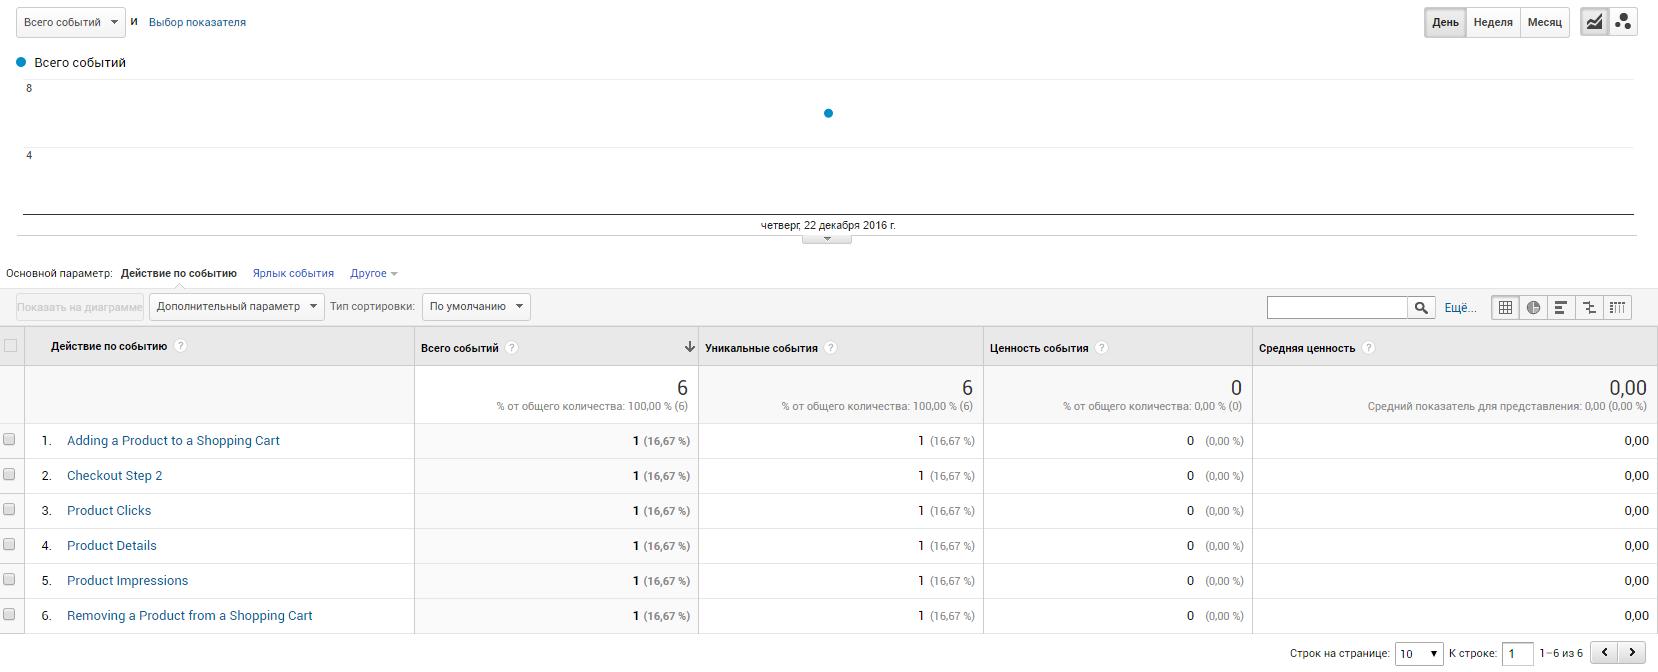 Значение параметра «Число выполненных покупок товара» равно нулю